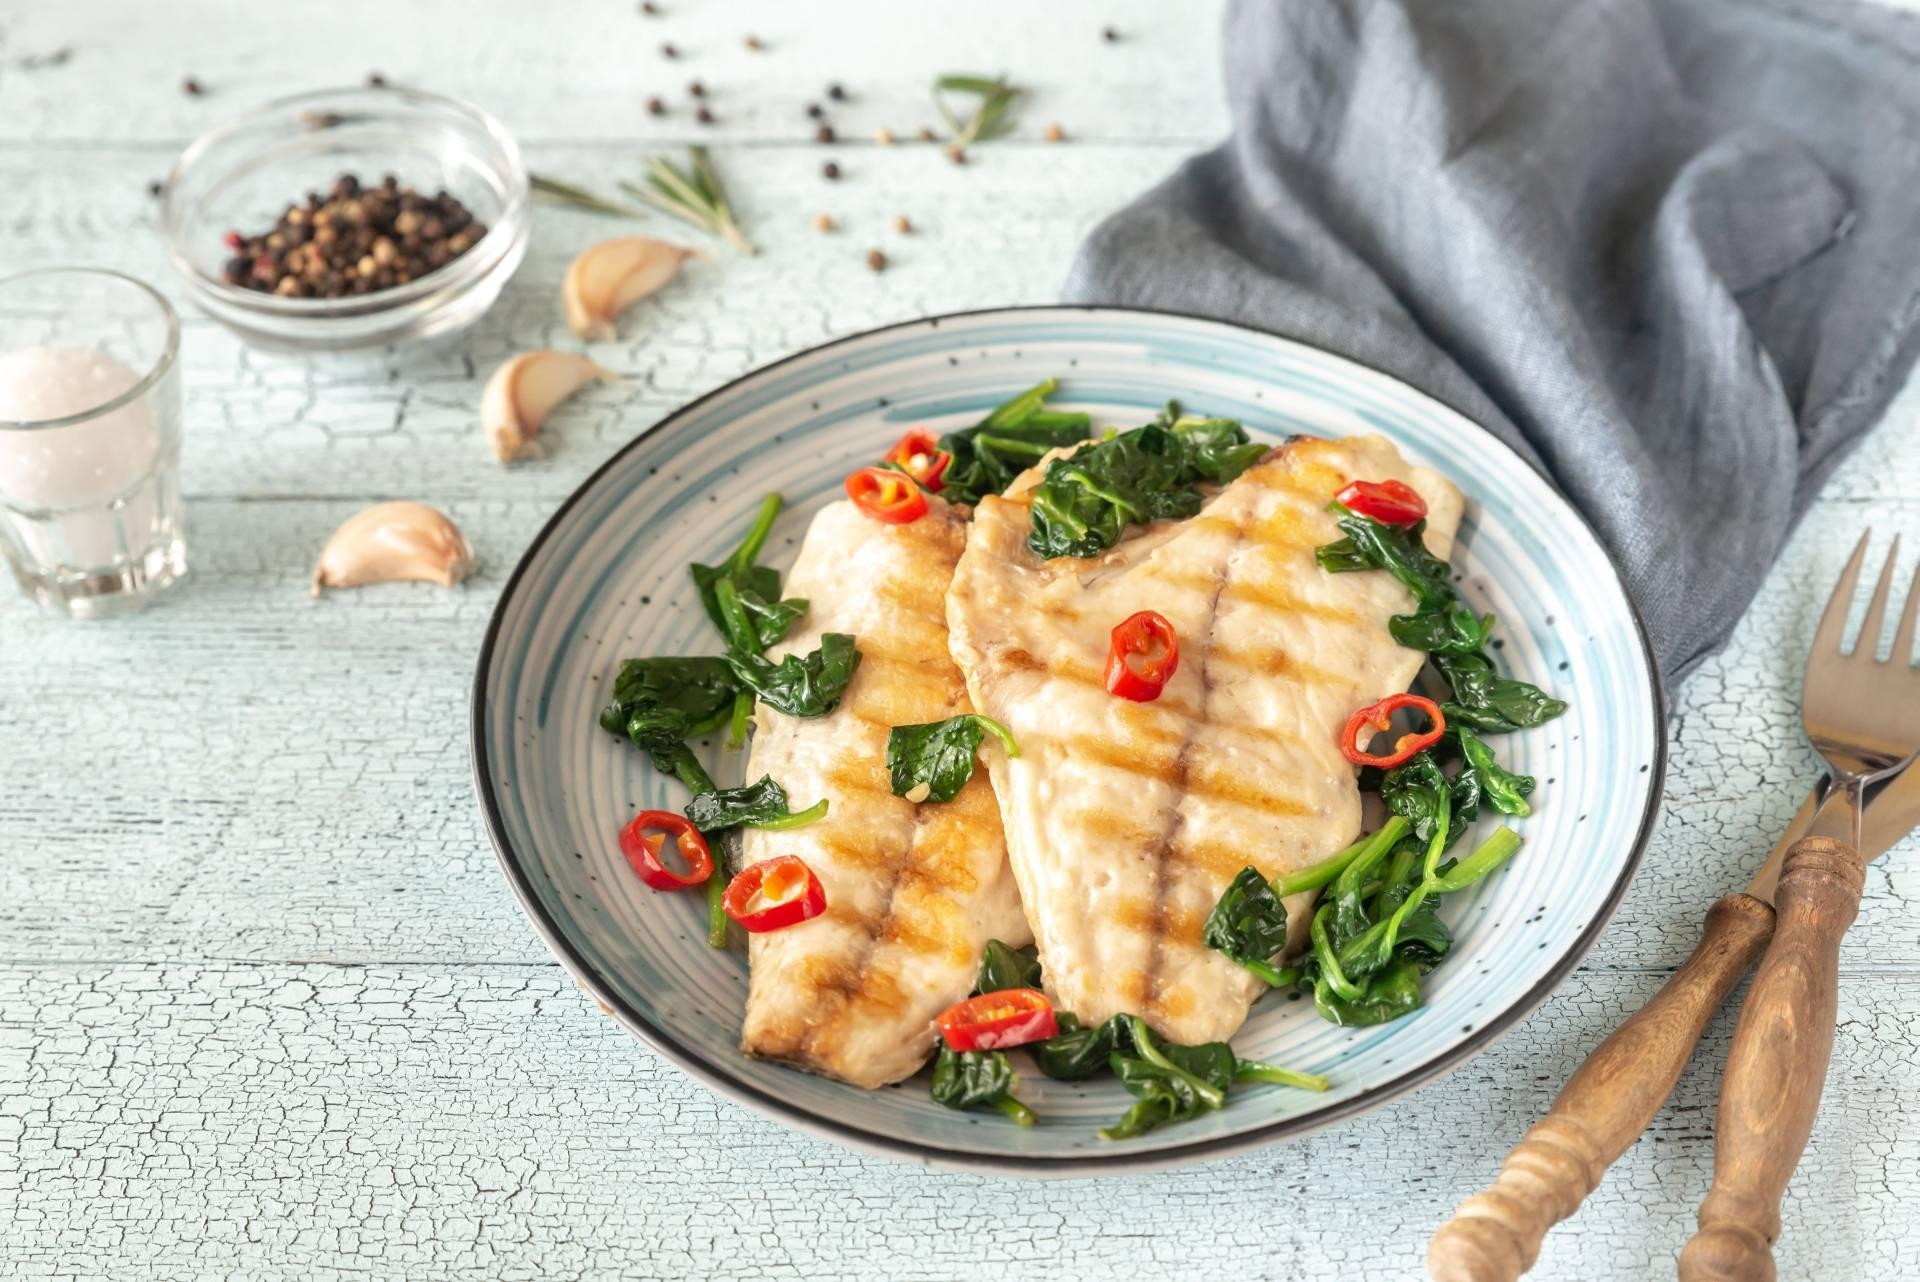 Jaka ryba na obiad - Poradnik rybny WWF podpowie jak kupować ryby odpowiedzialnie. Grillowana ryba saute z warzywami na błękitnym talerzu leży na drewnianym blacie.